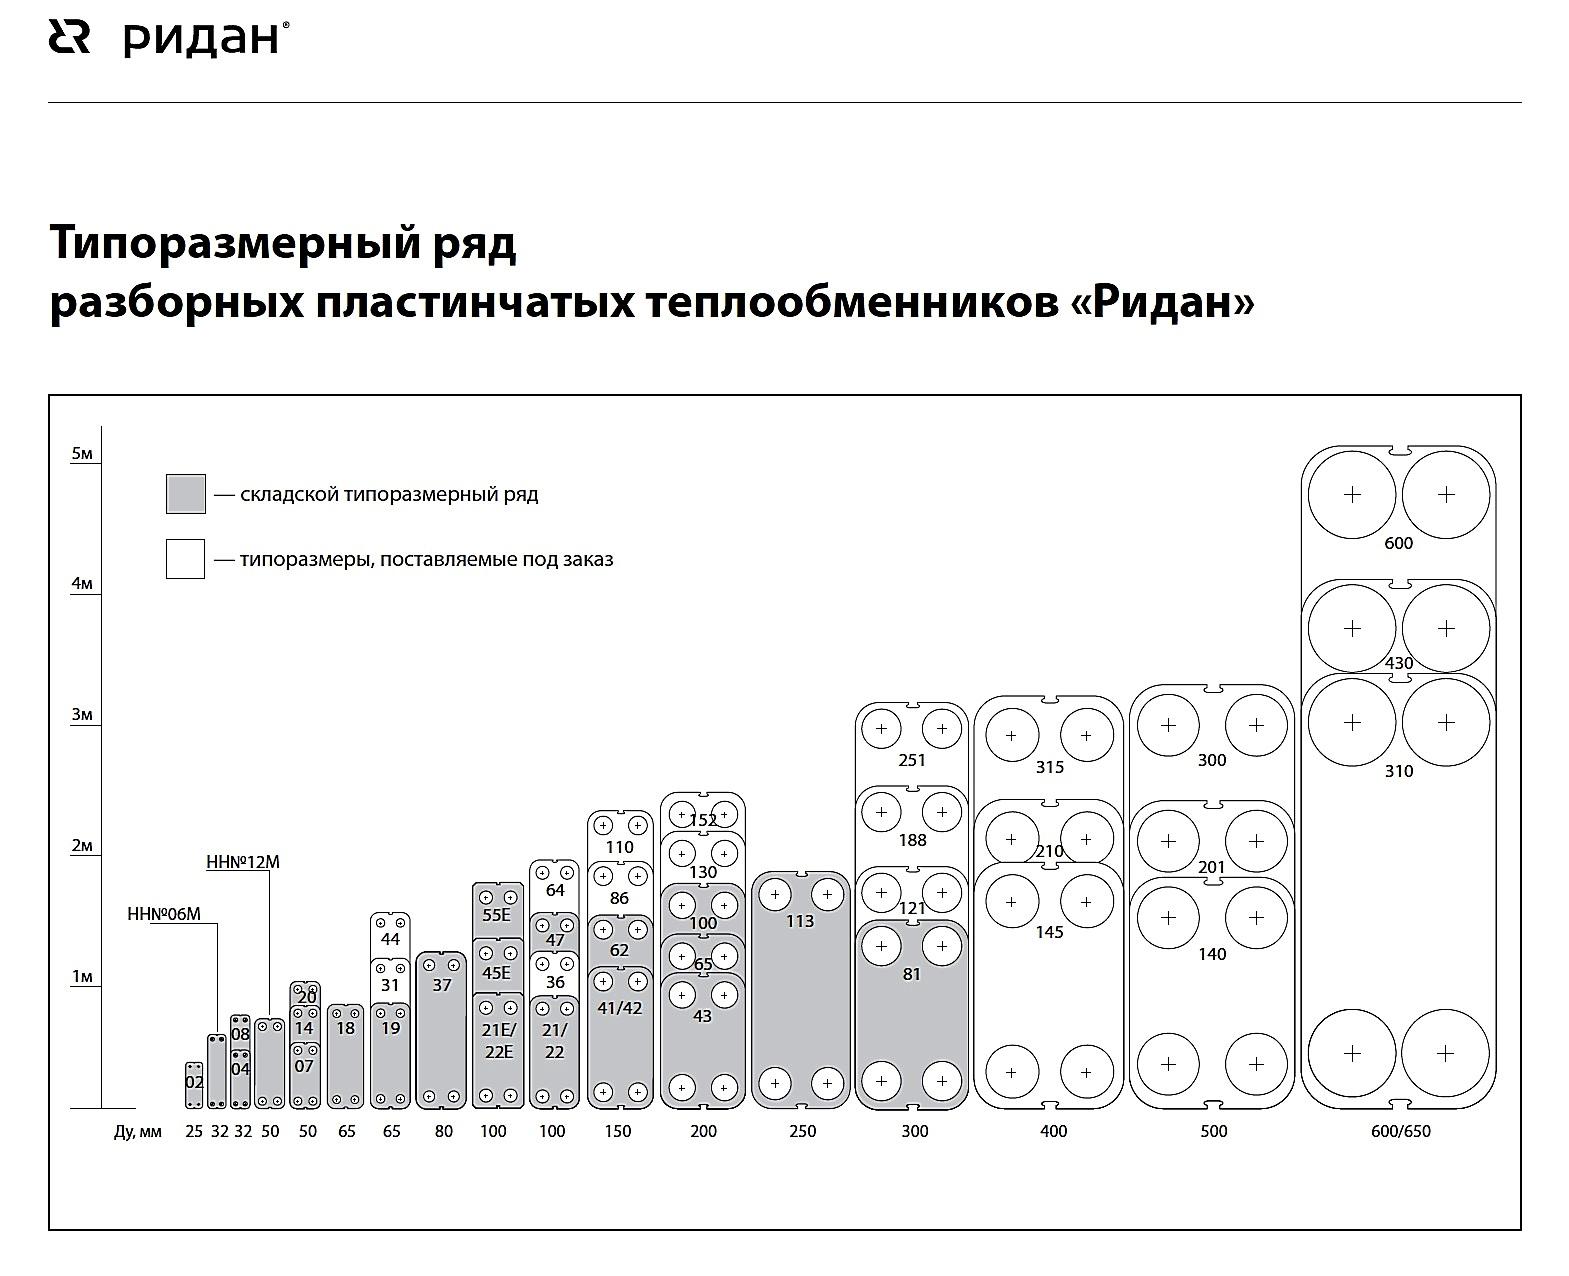 Типоразмерный ряд разборных пластинчатых теплообменников РИДАН